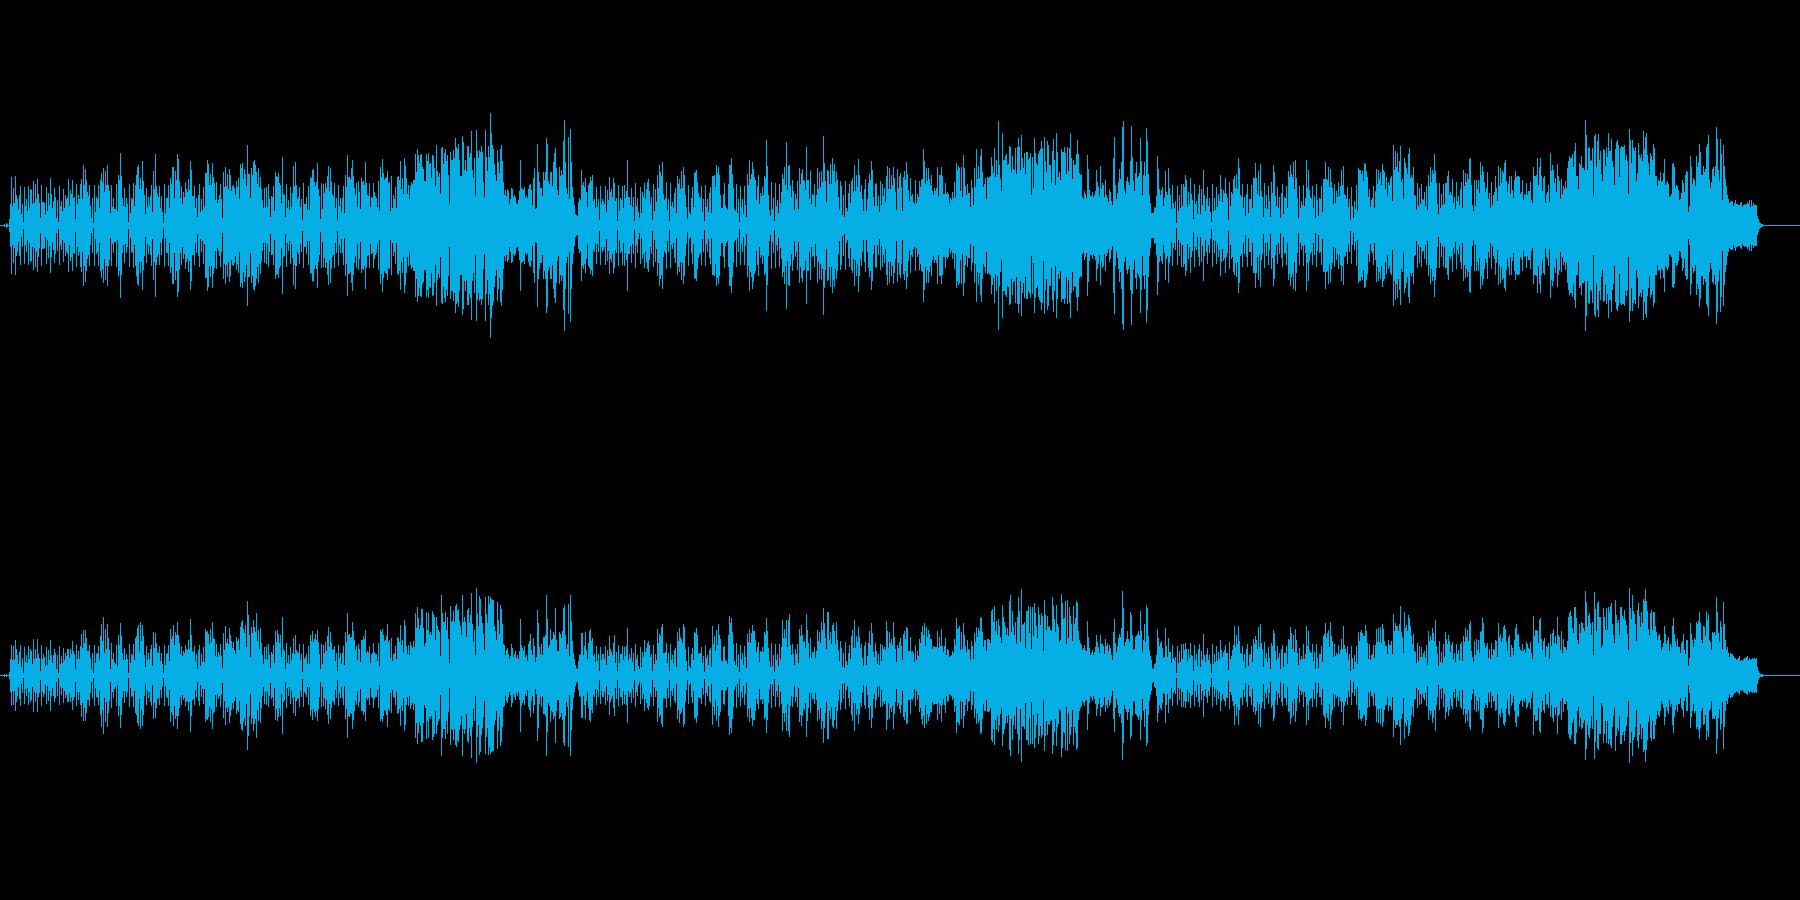 リズミカルな8ビート・フュージョンの再生済みの波形